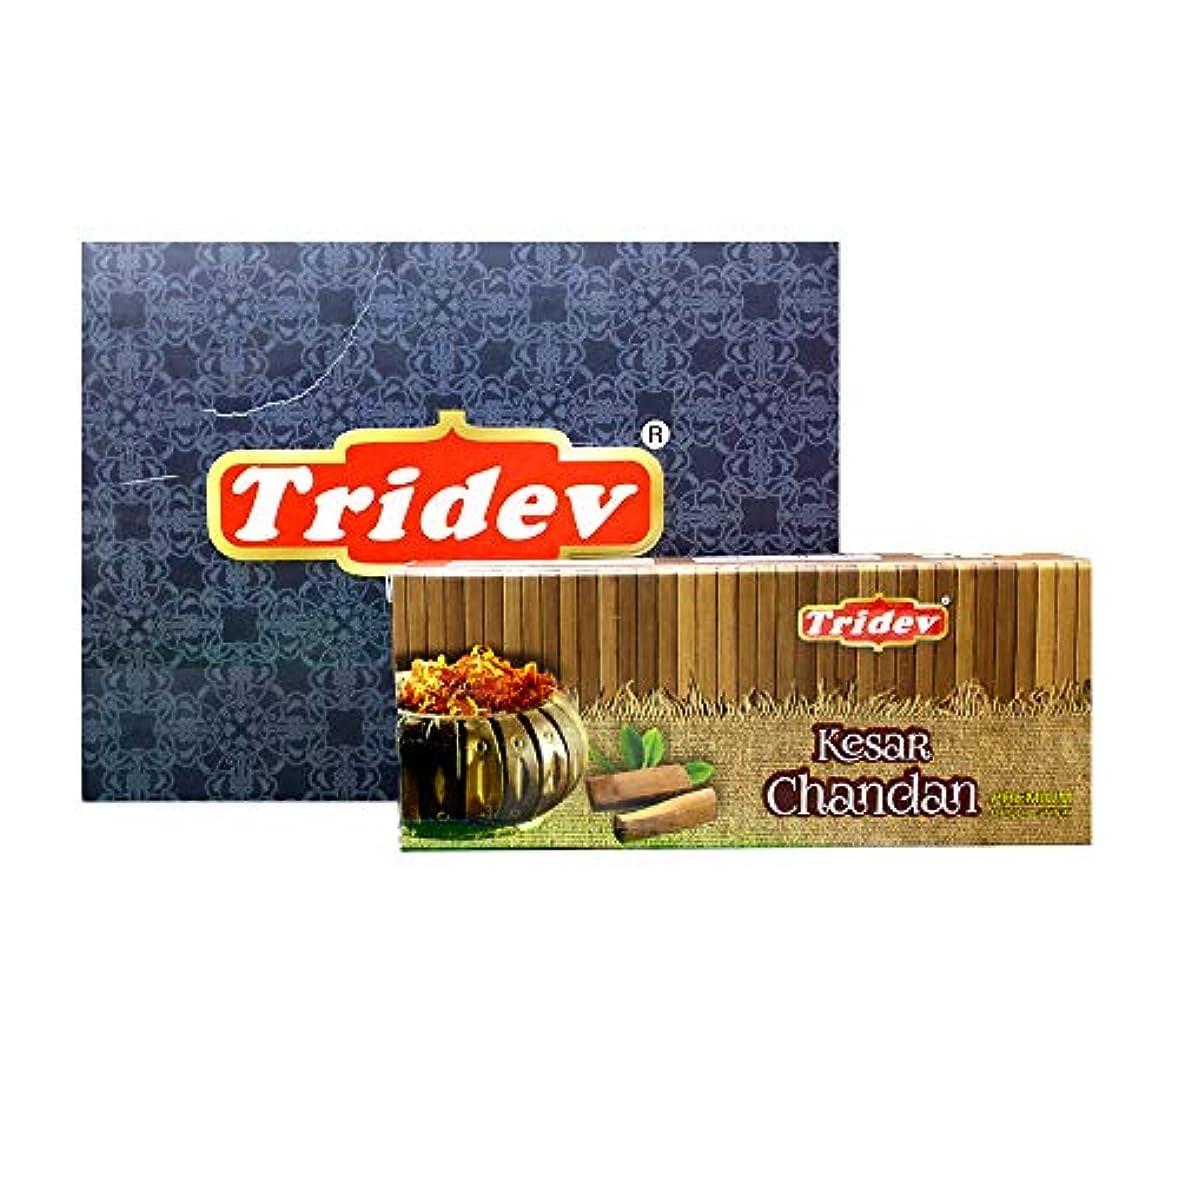 民族主義分配します九月Tridev Kesar Chandan プレミアム ドープスティック ボックス | 1箱に75グラム12パック | 輸出品質